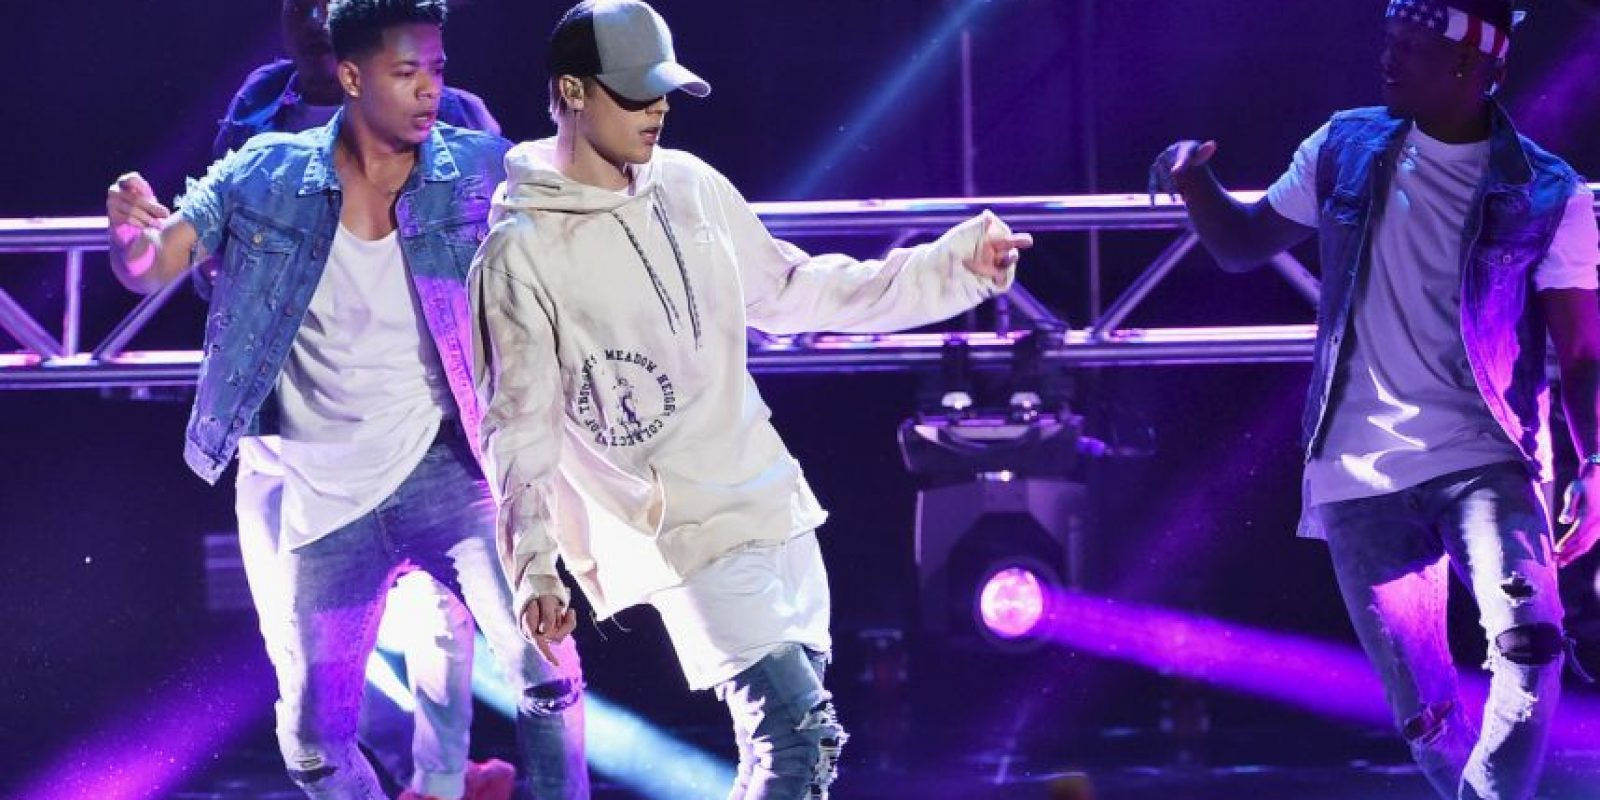 """""""Shawn revisé la música y estoy orgulloso. Feliz de ver a otro chico de Canadá teniendo éxito #loscanadienseslohacenmejor"""". Foto:Getty Images"""